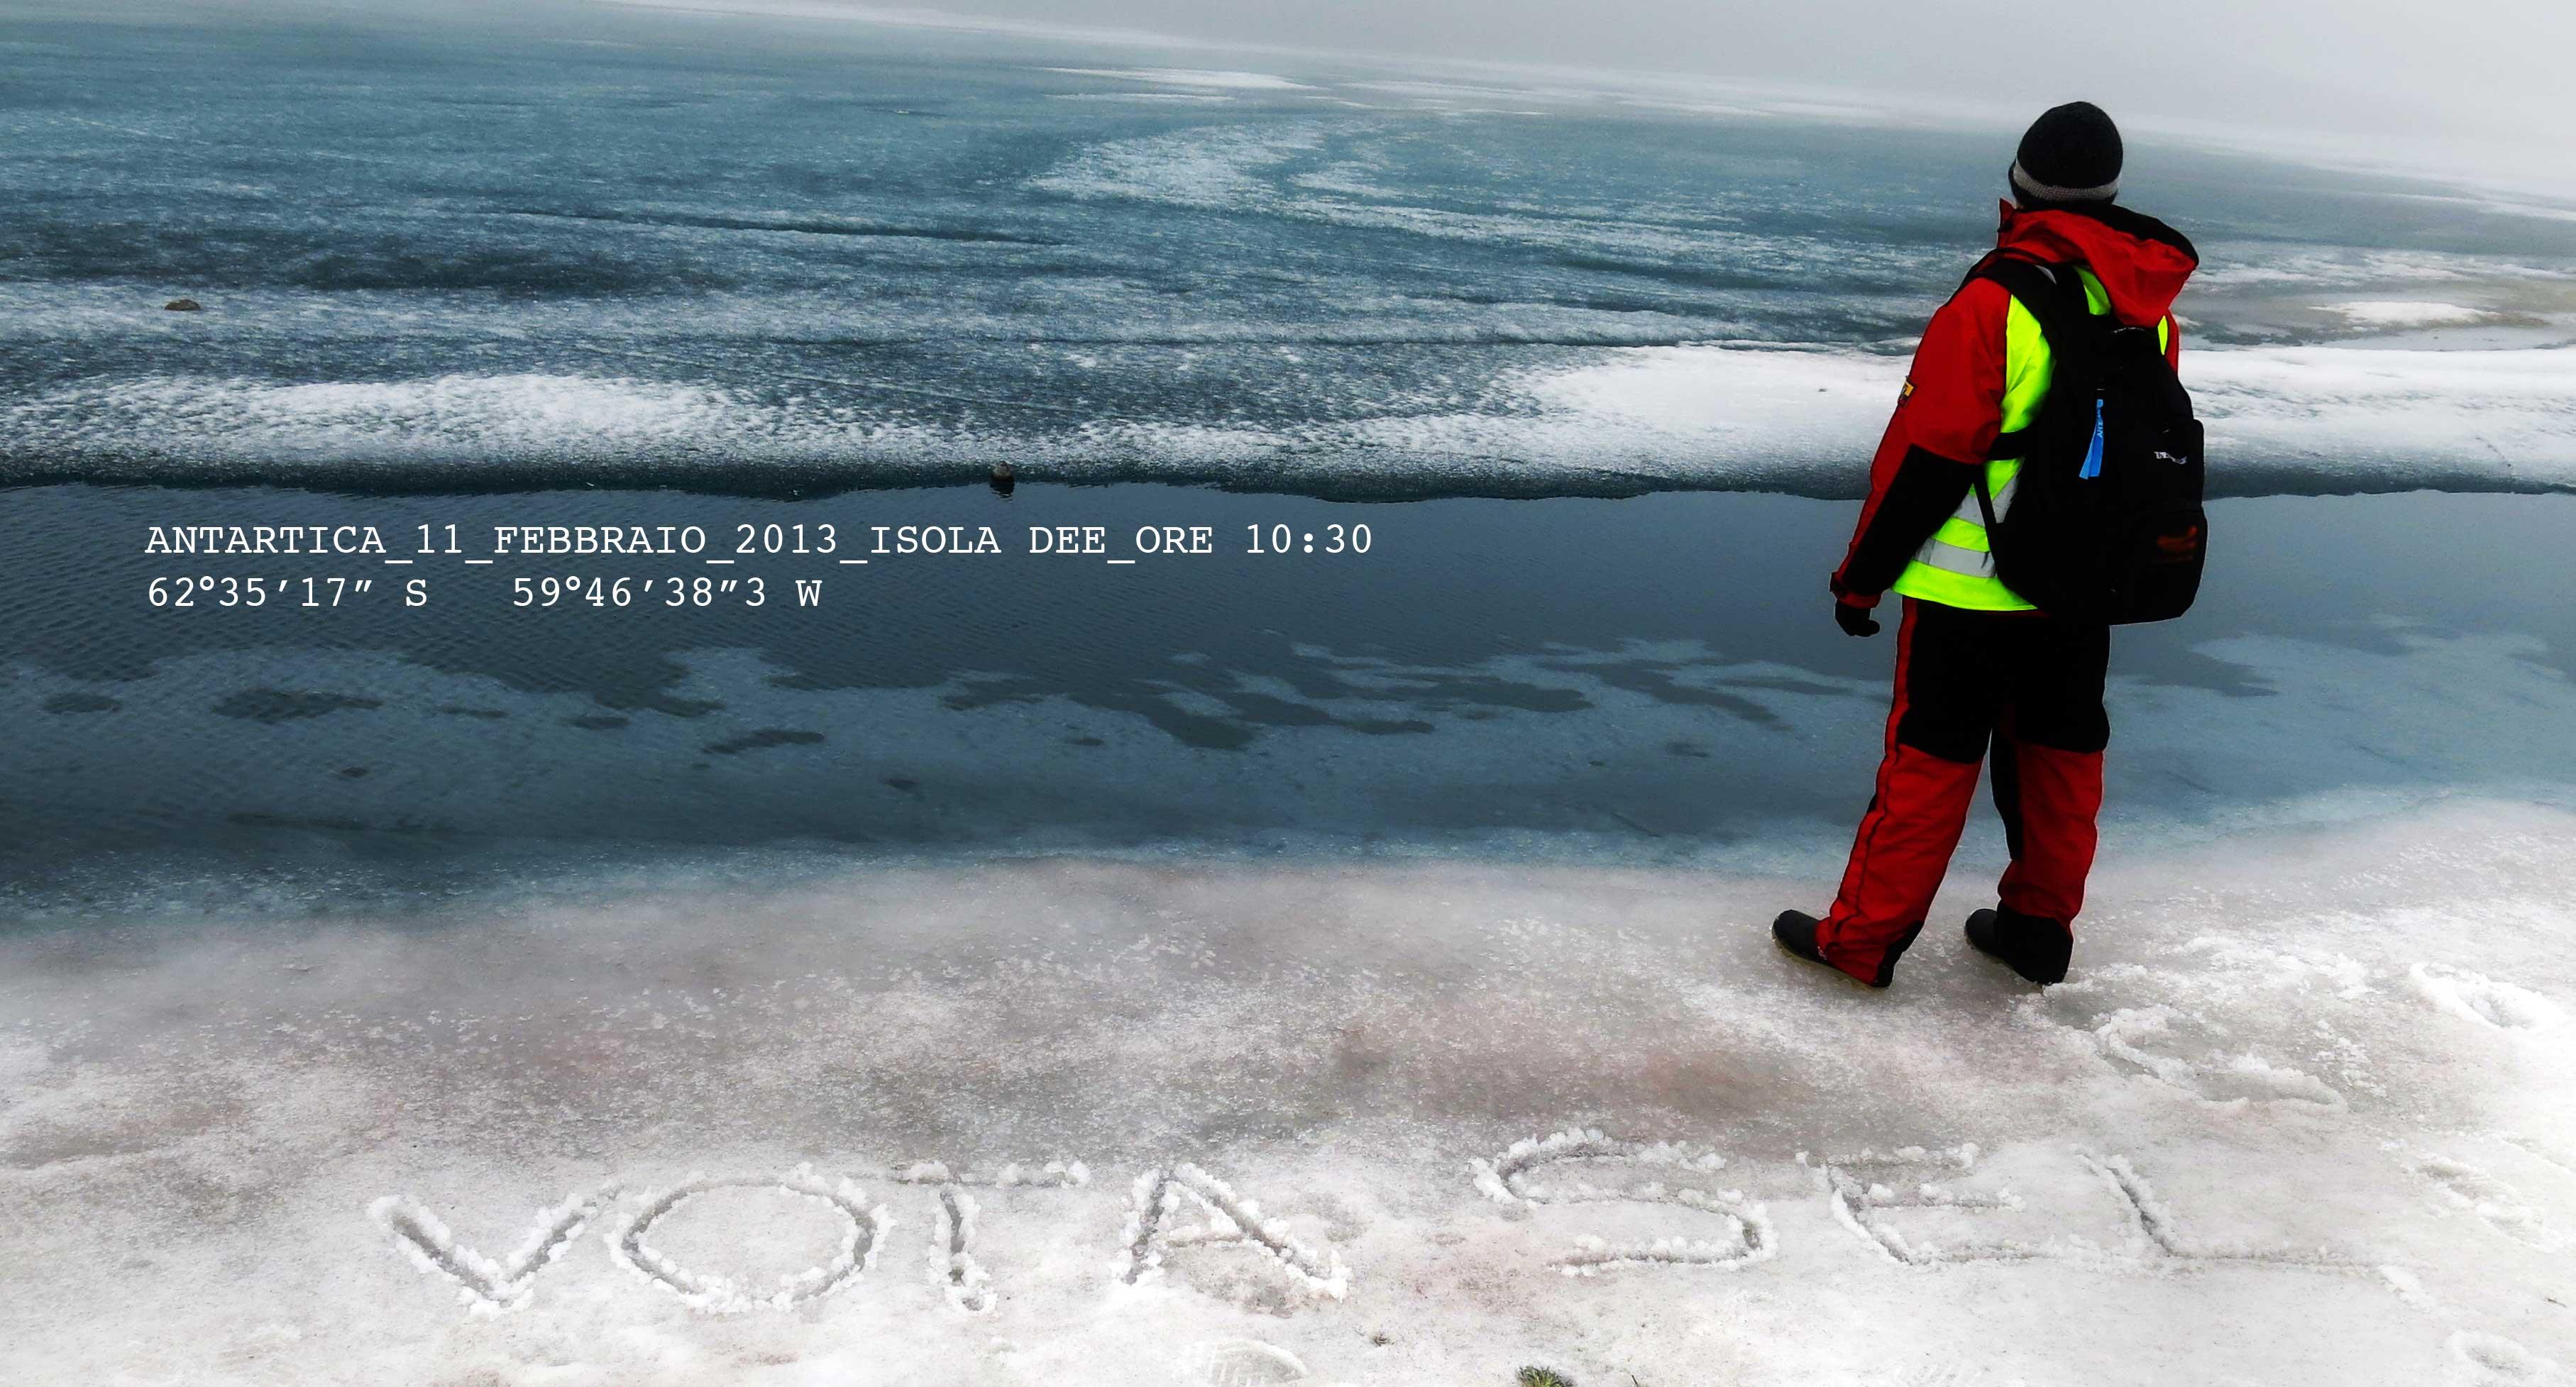 ELEZIONI : dall'Antartide sostegno a SEL